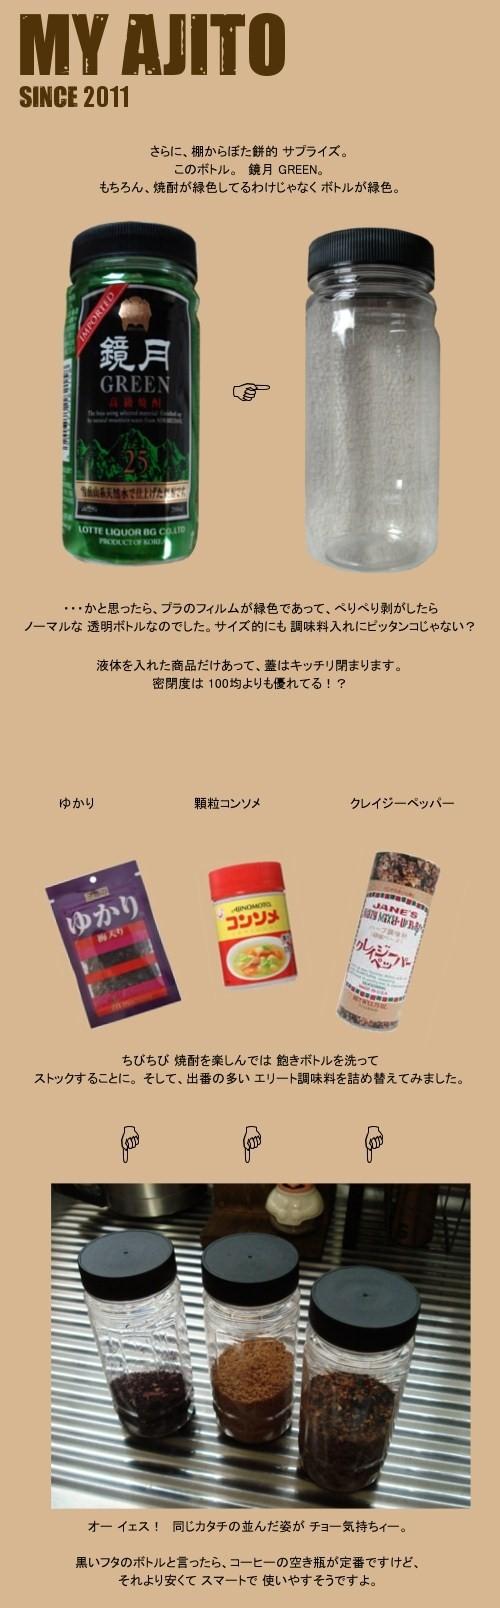 shochu_2.jpg